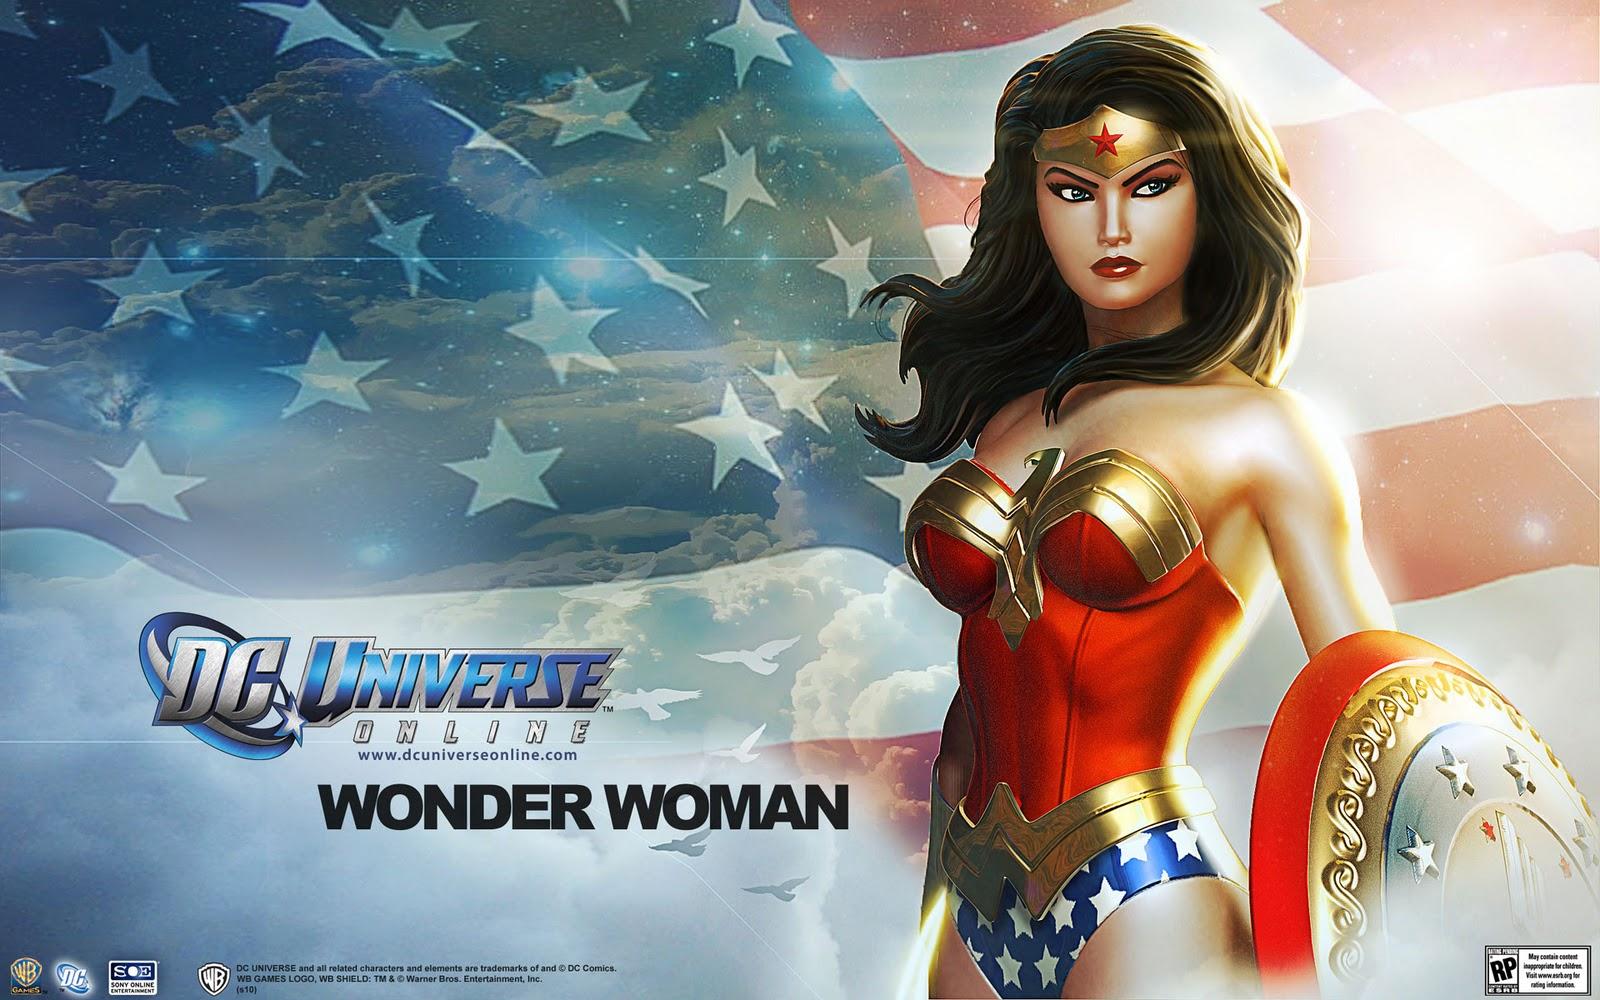 http://4.bp.blogspot.com/_NqLYfqfYn0k/TN8wbvFLVFI/AAAAAAAAVlo/_BshNzM0ON0/s1600/I+Believe+ww.jpg